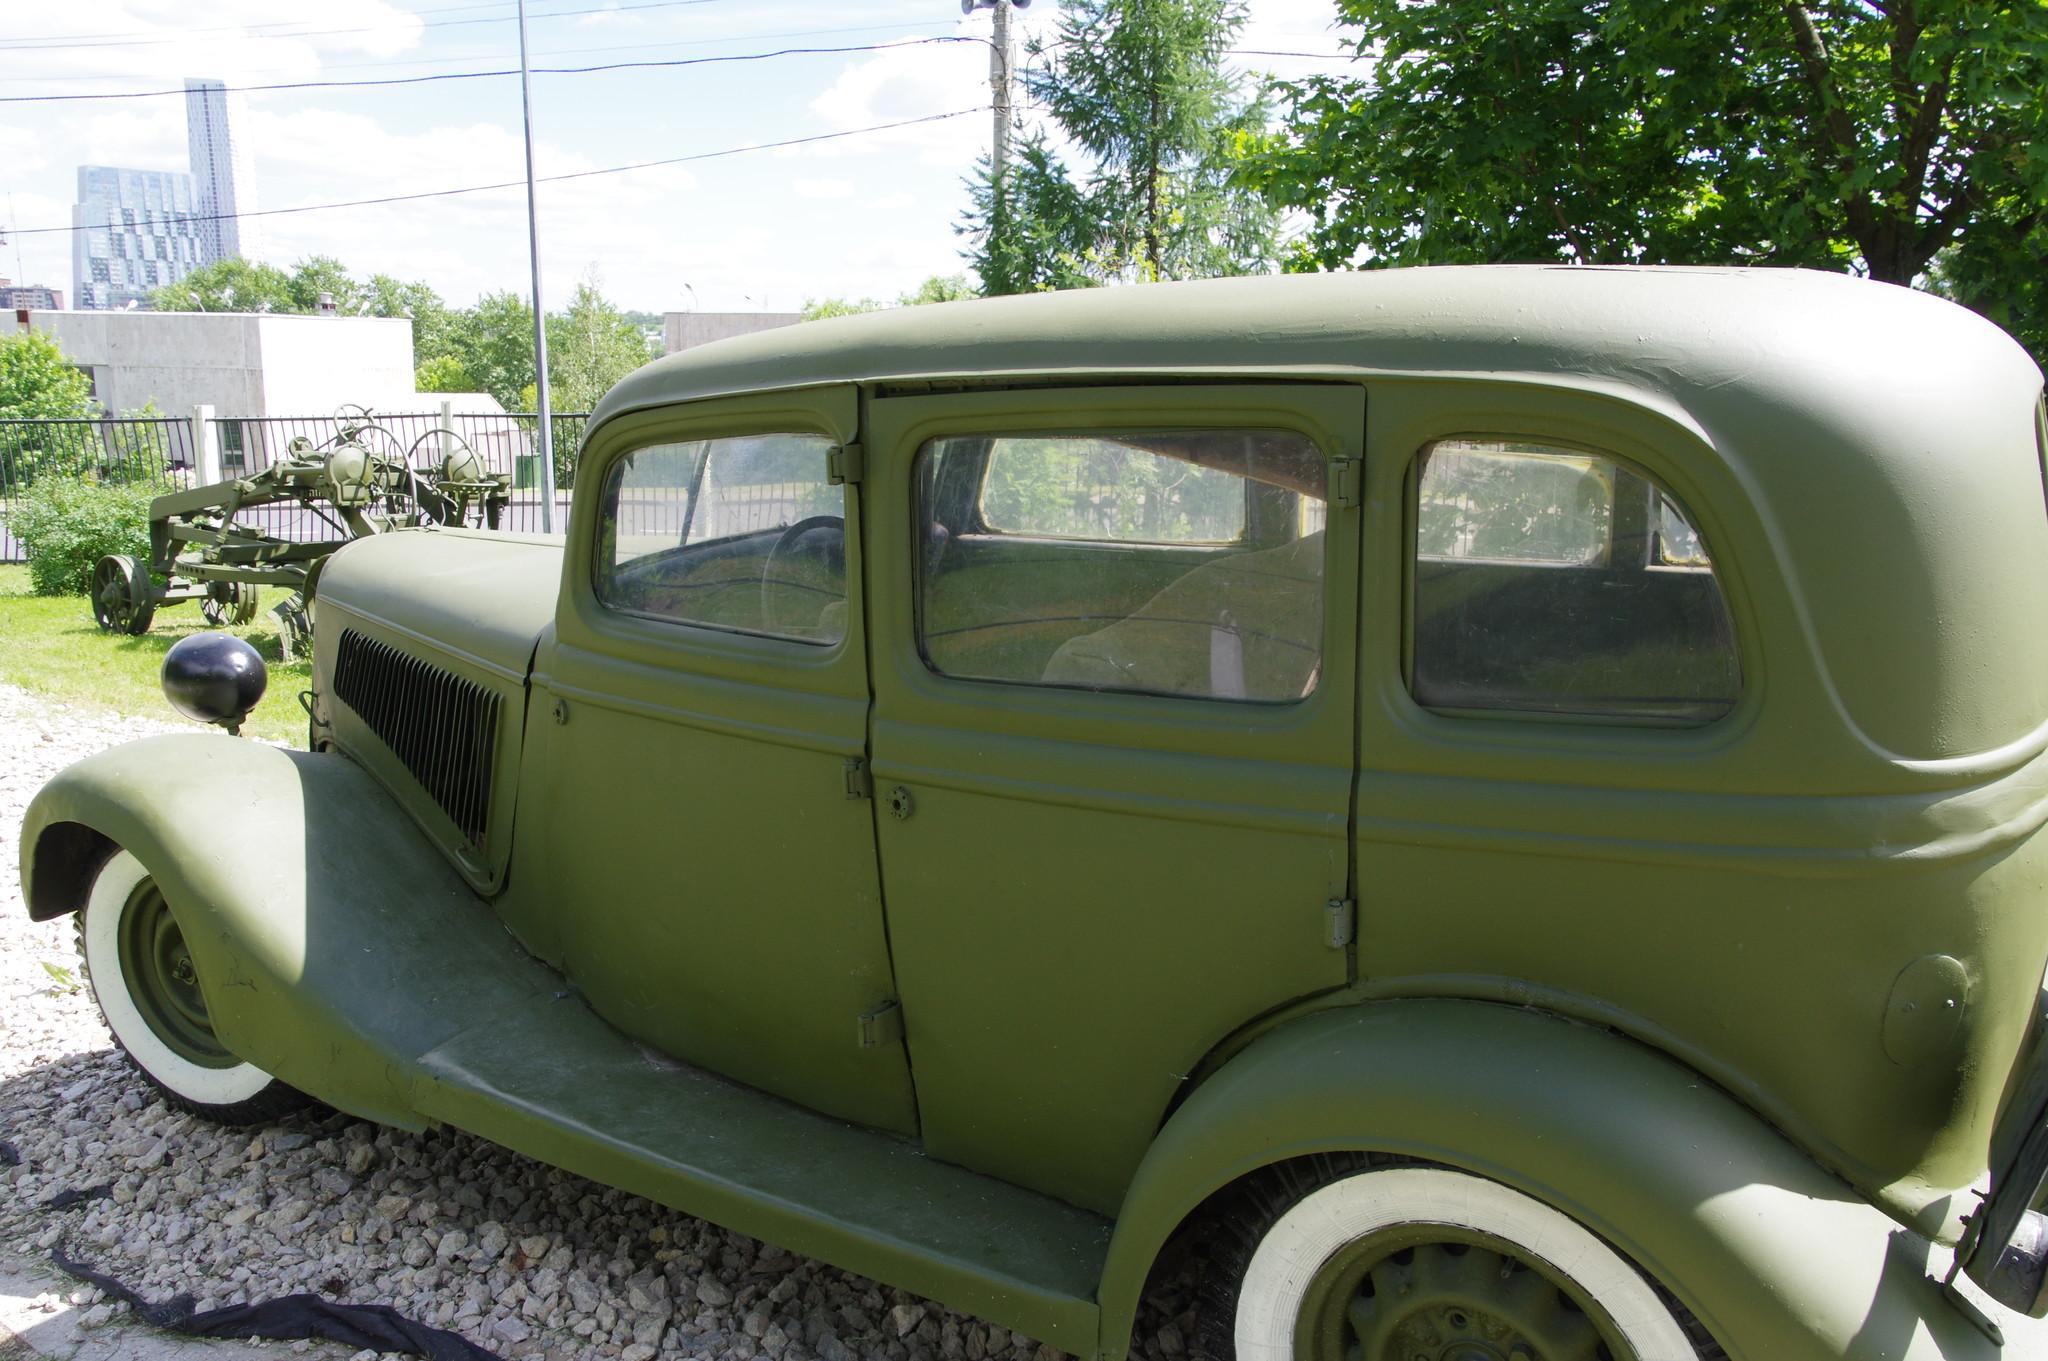 Фрагменты автомобиля ГАЗ-М-1 переданы в дар Центральному музею Великой Отечественной войны 1941-1945 гг. В.И. Батановым (г. Ярославль) в 1997 году